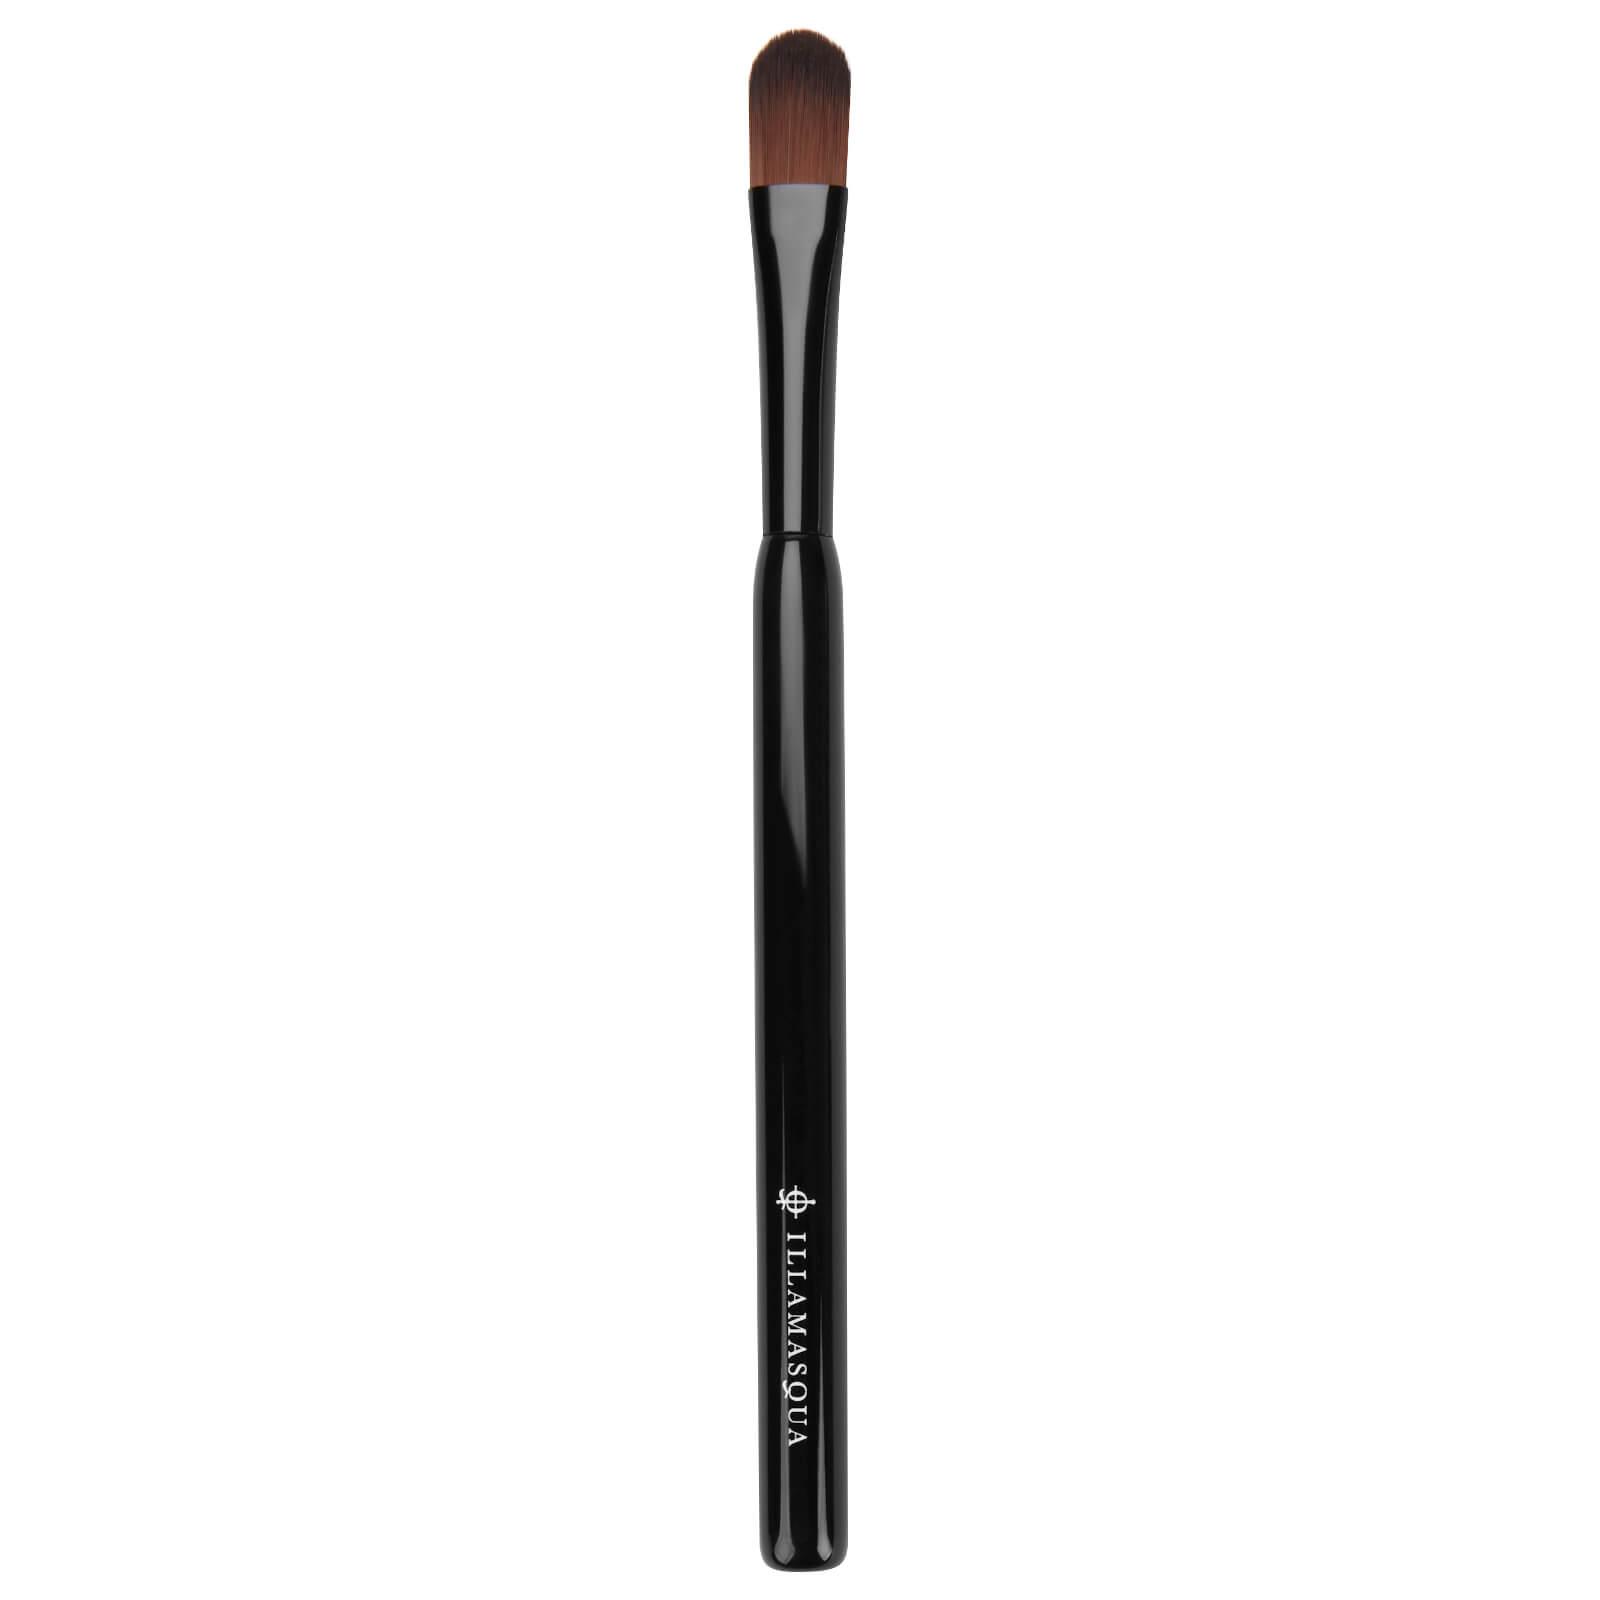 Illamasqua Large Eyeshadow Brush